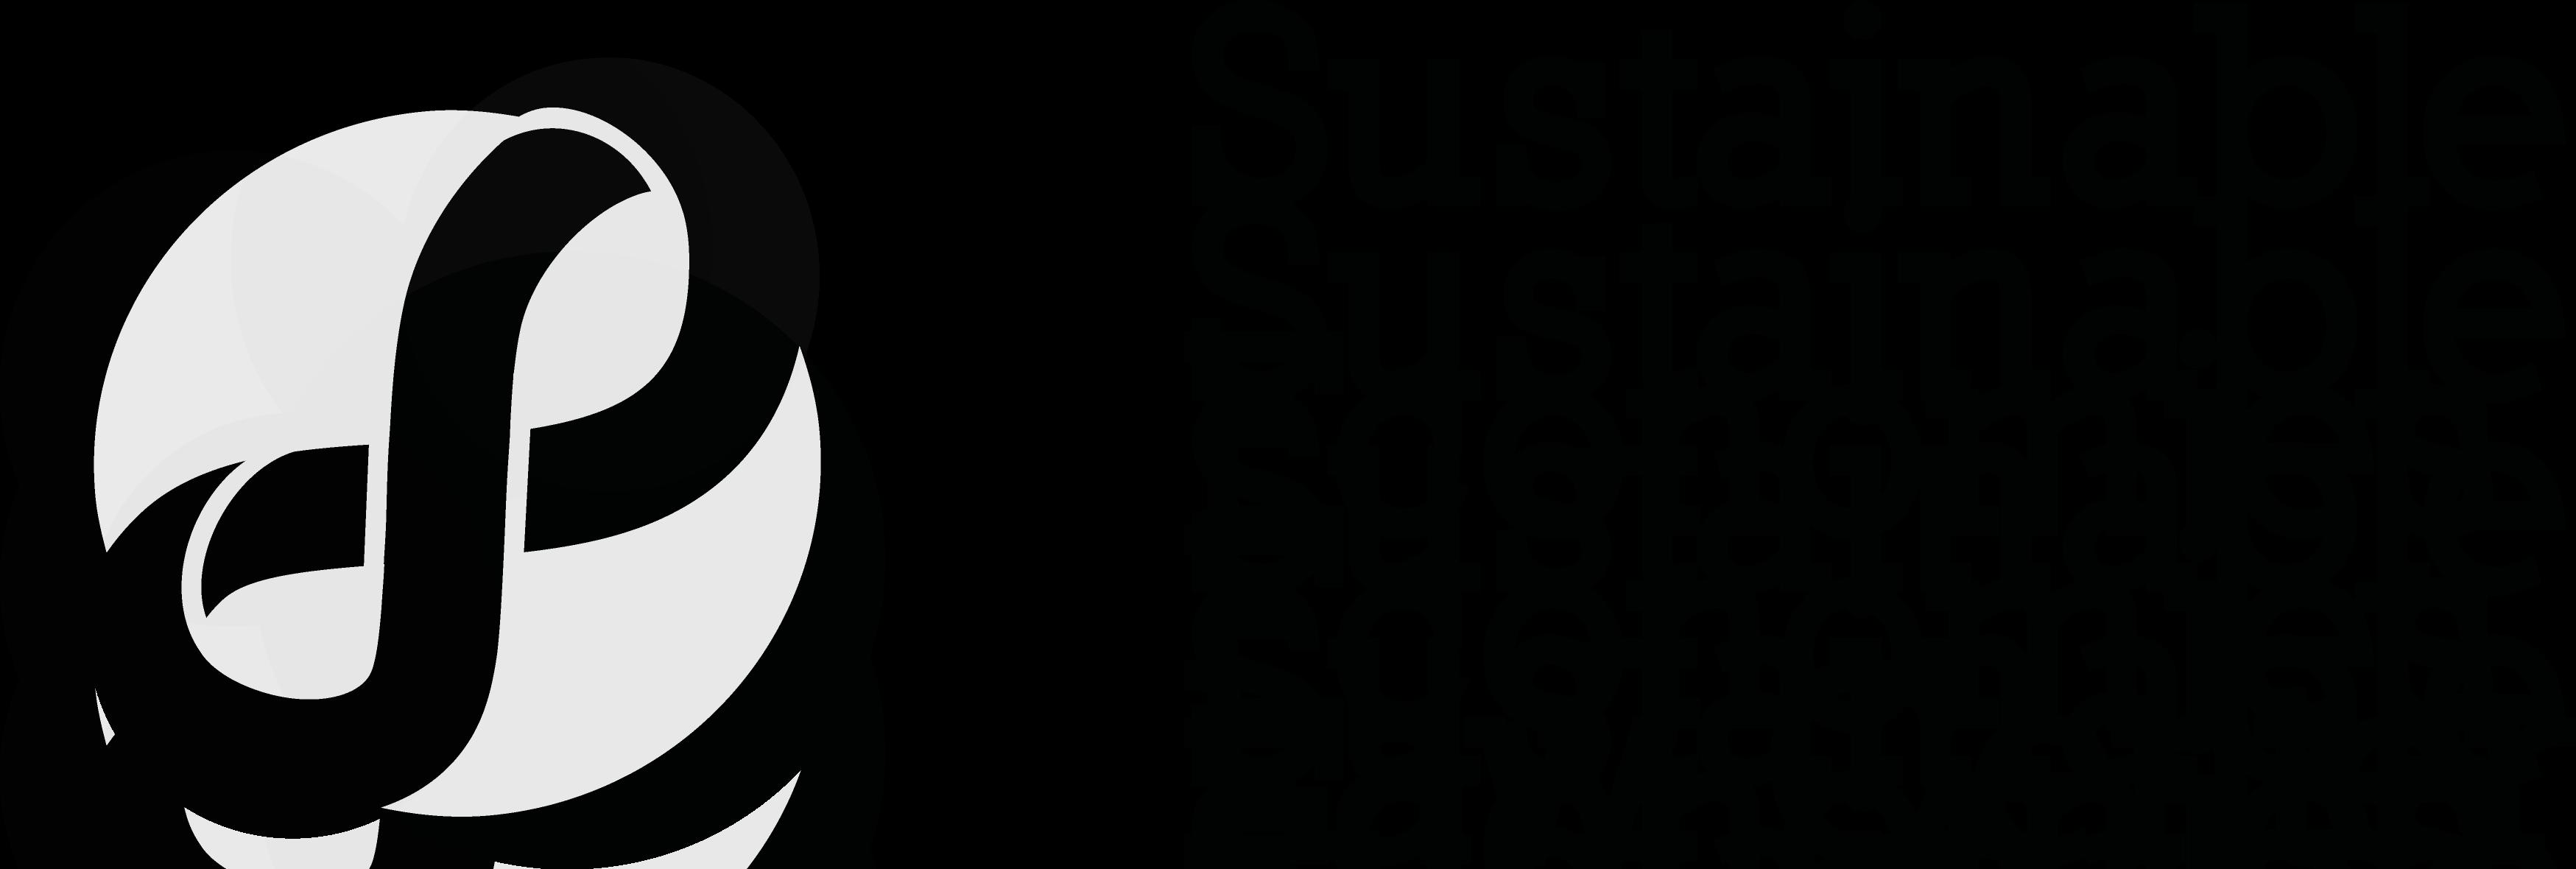 SELC logo in Black